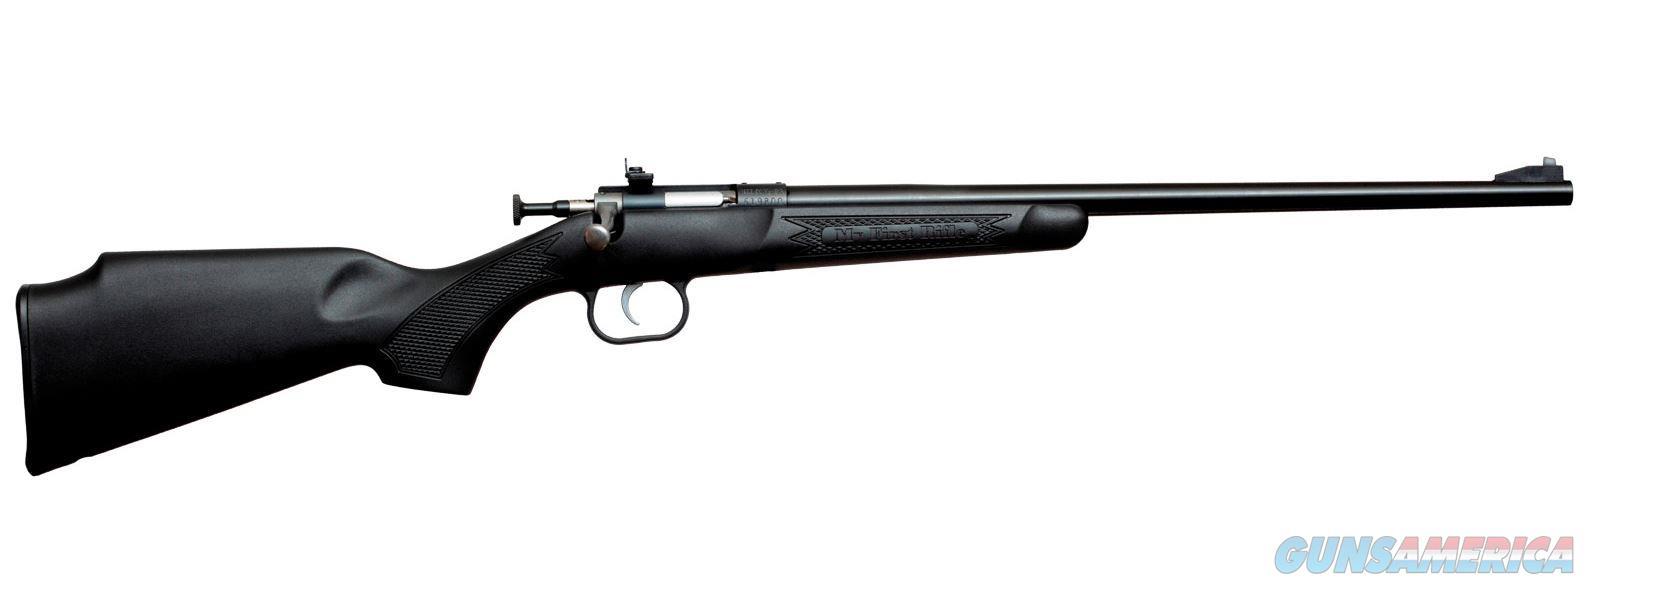 Keystone Crickett My First Rifle .22 S/L/LR Black KSA2240   Guns > Rifles > Crickett-Keystone Rifles